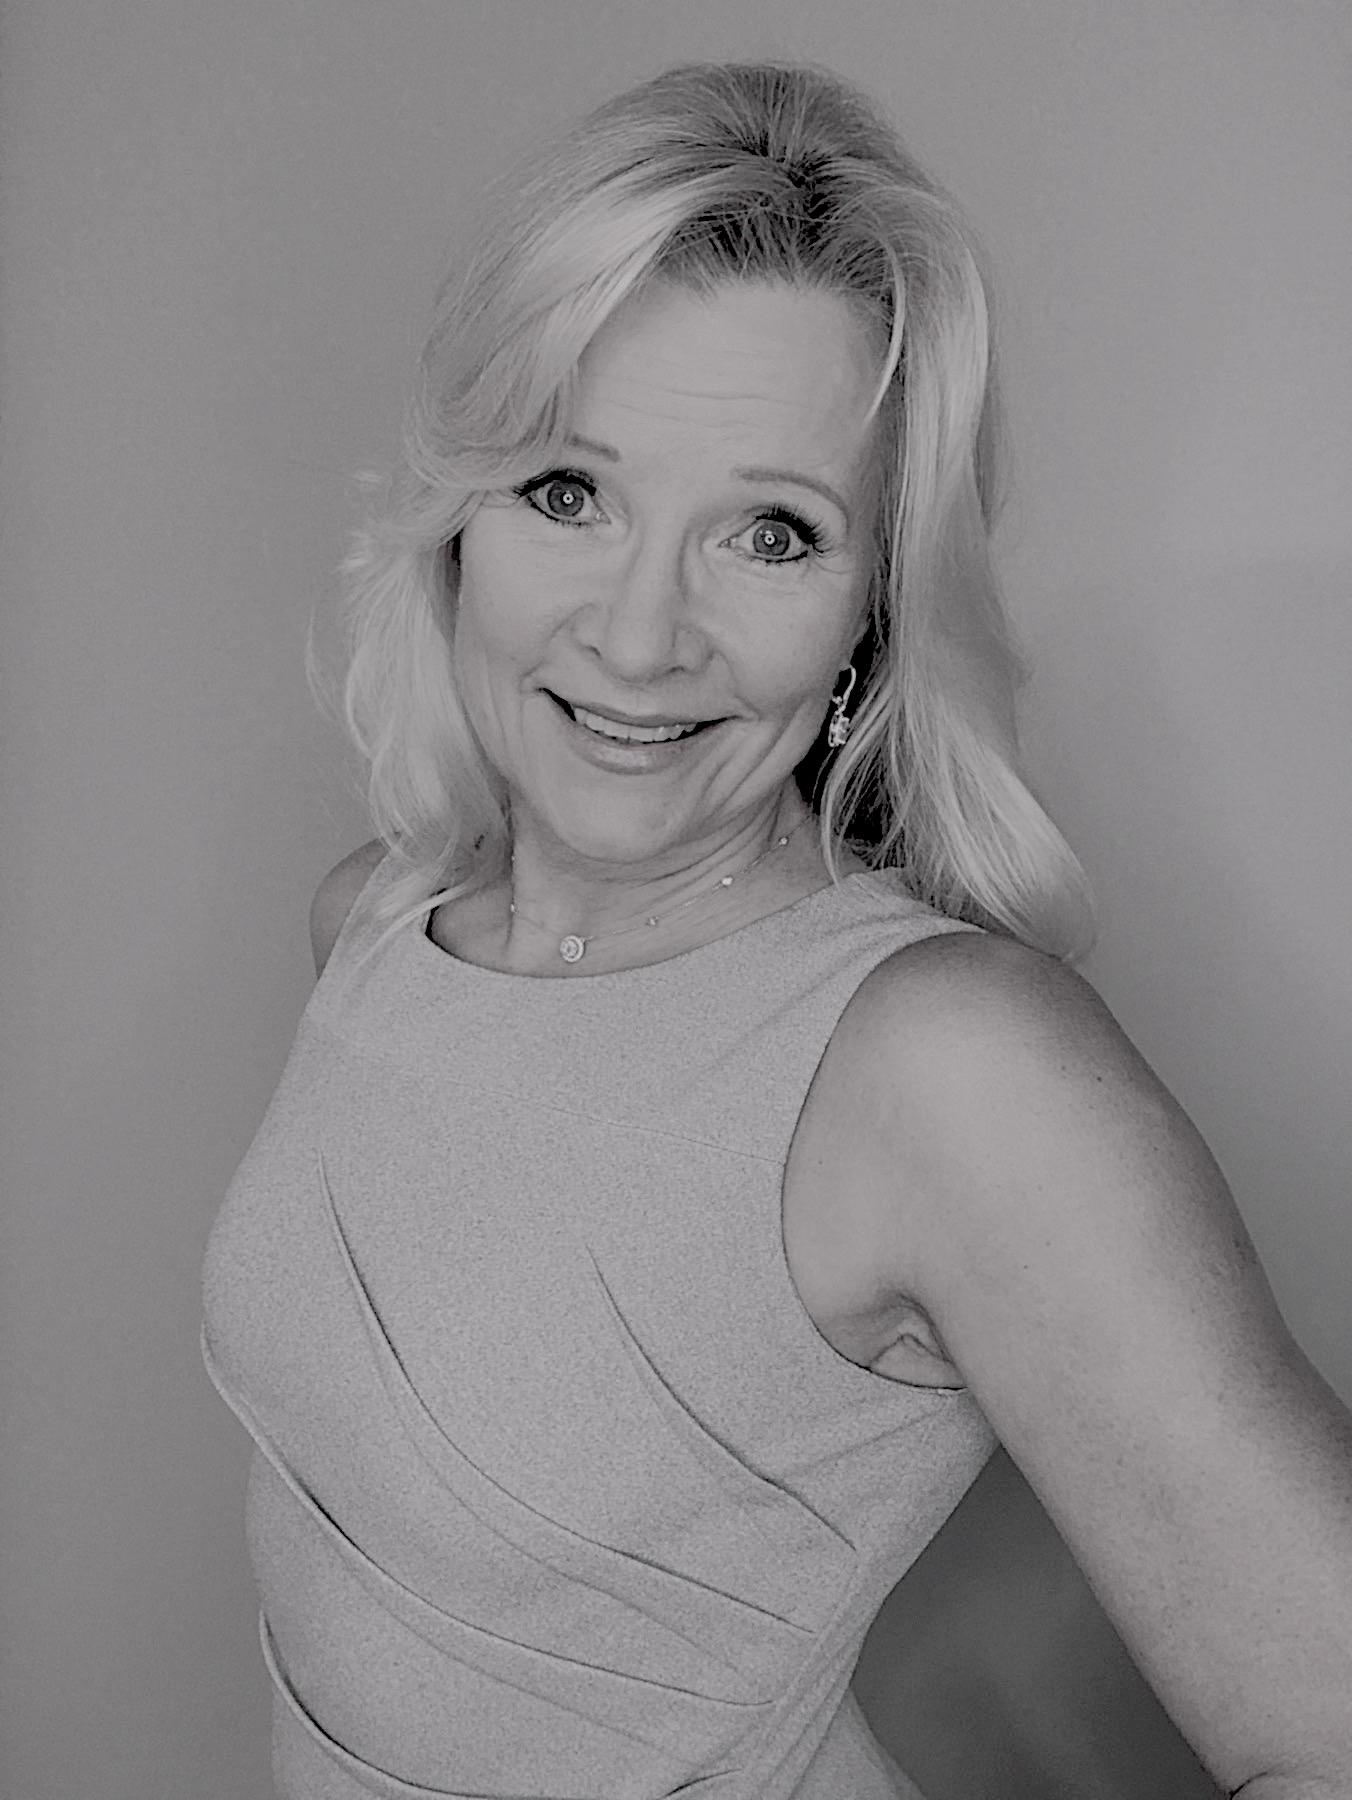 Cheryl Soleway